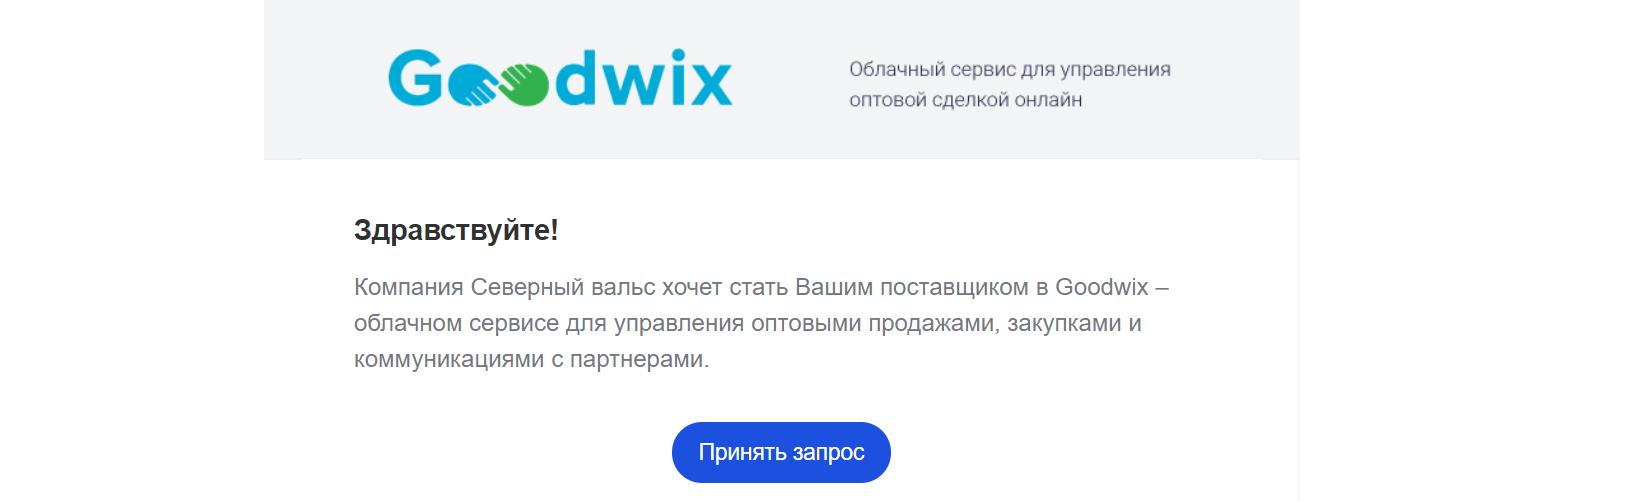 Приглашение в партнеры на электронной почте_Руководство по работе с покупателями